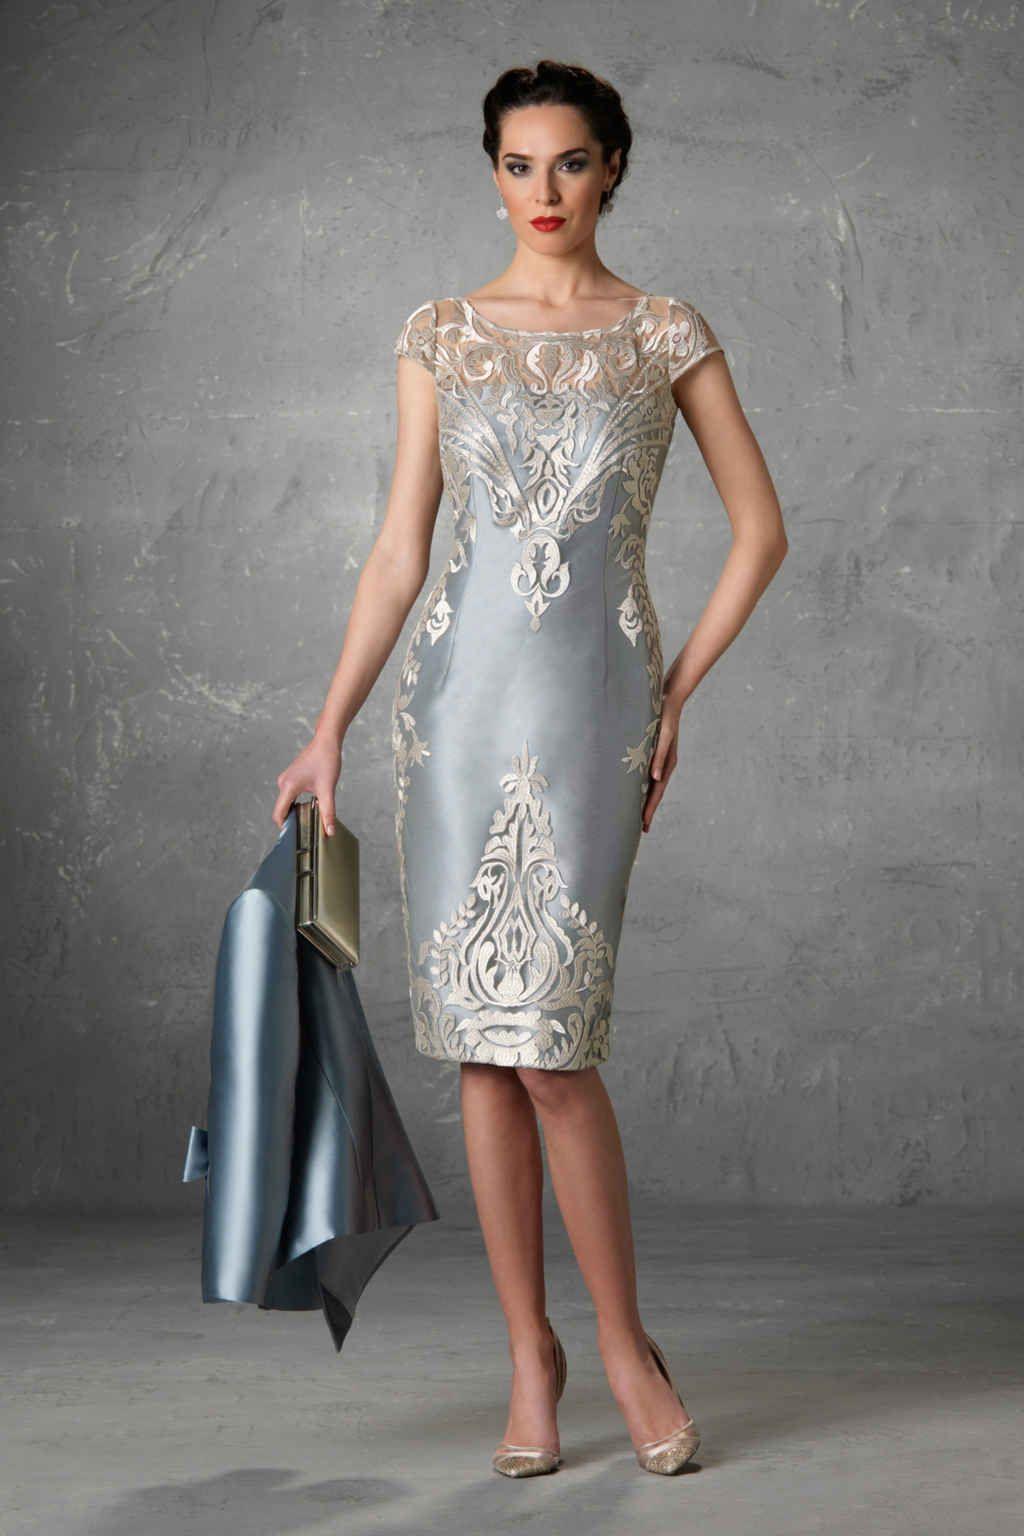 51af4f39 Vestidos de madrina y fiesta con unos acabados y calidad excelente. Llevar  vestidos de madrina Esthefan hace que sea una verdadera exclusividad.